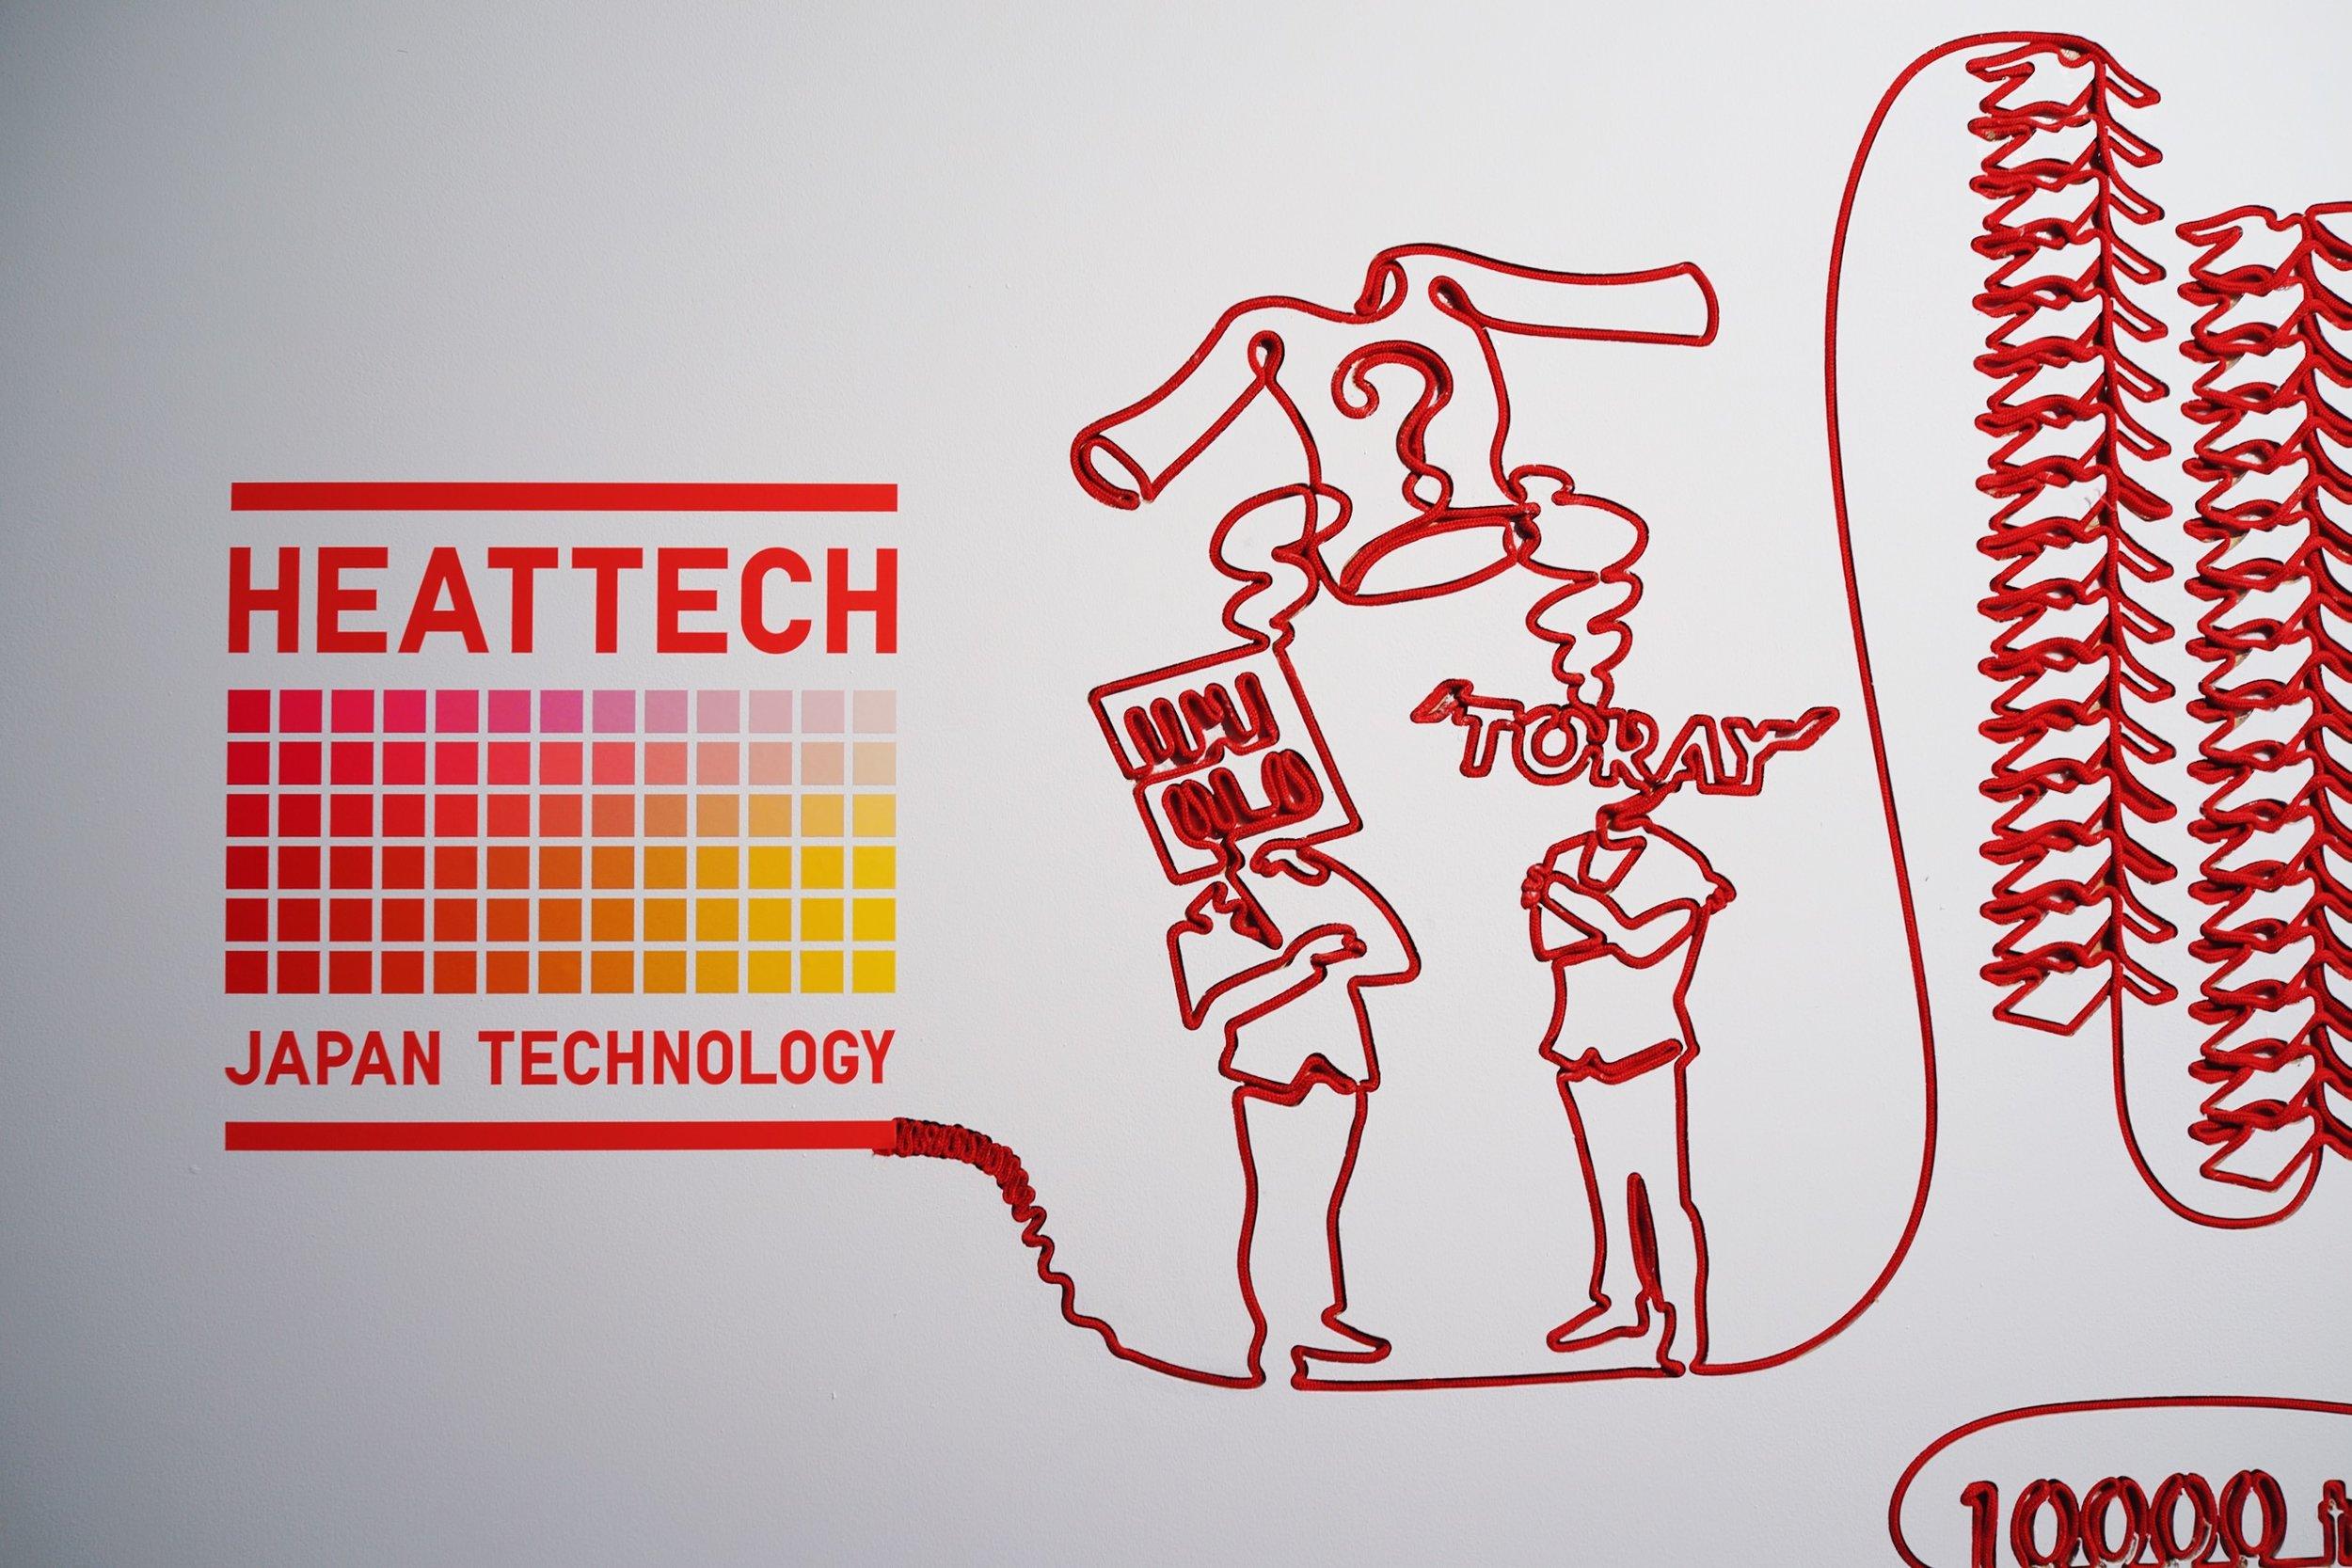 heattech_02.JPG